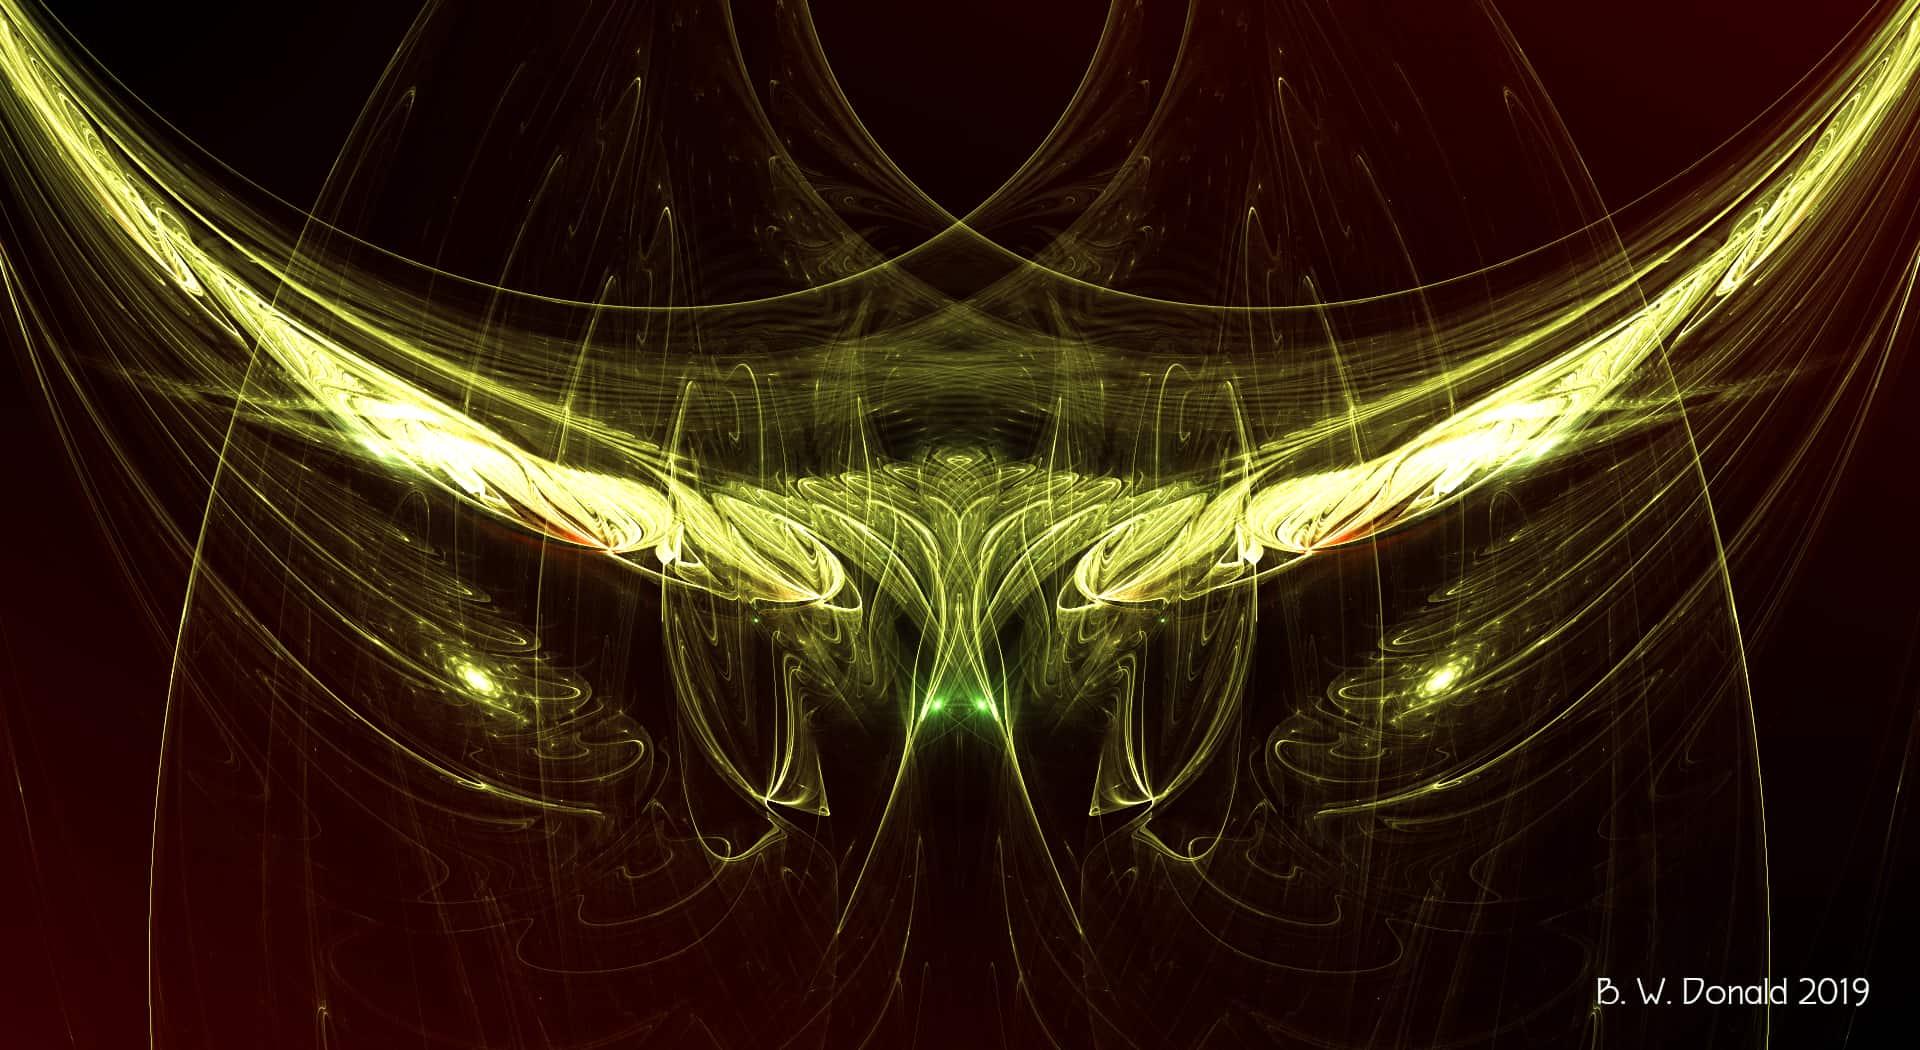 CS No. 2 Wings